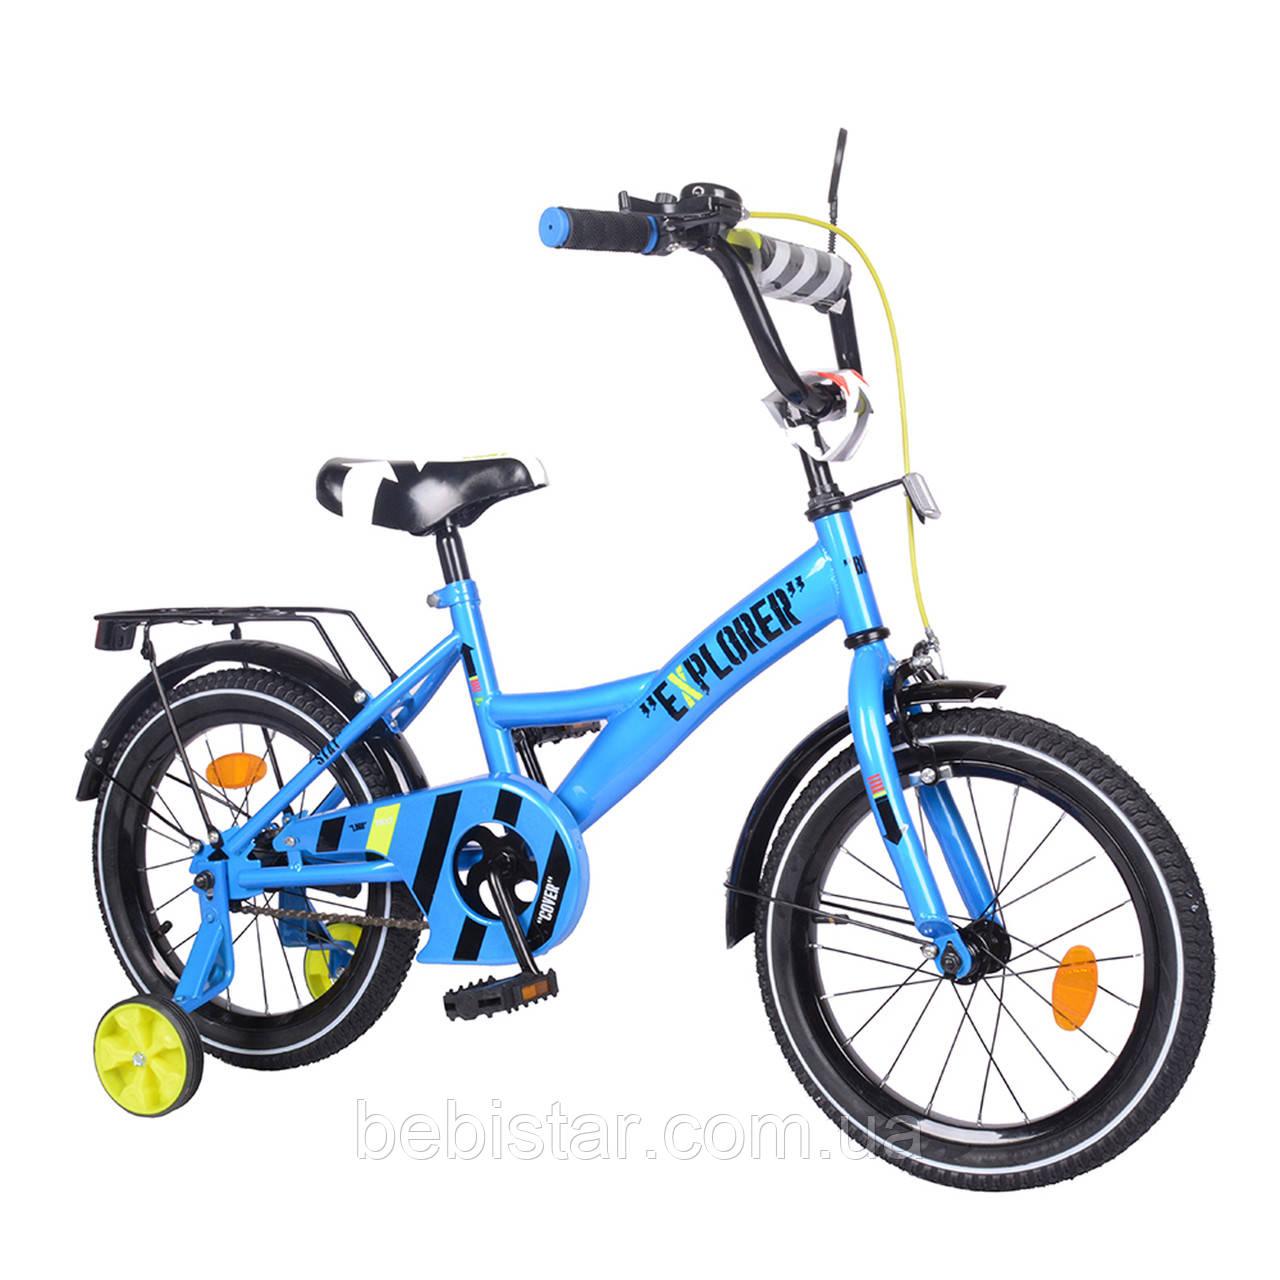 """Детский двухколесный велосипед синий TILLY EXPLORER  16"""" звоночек, передний тороз для деток 4-6 лет"""